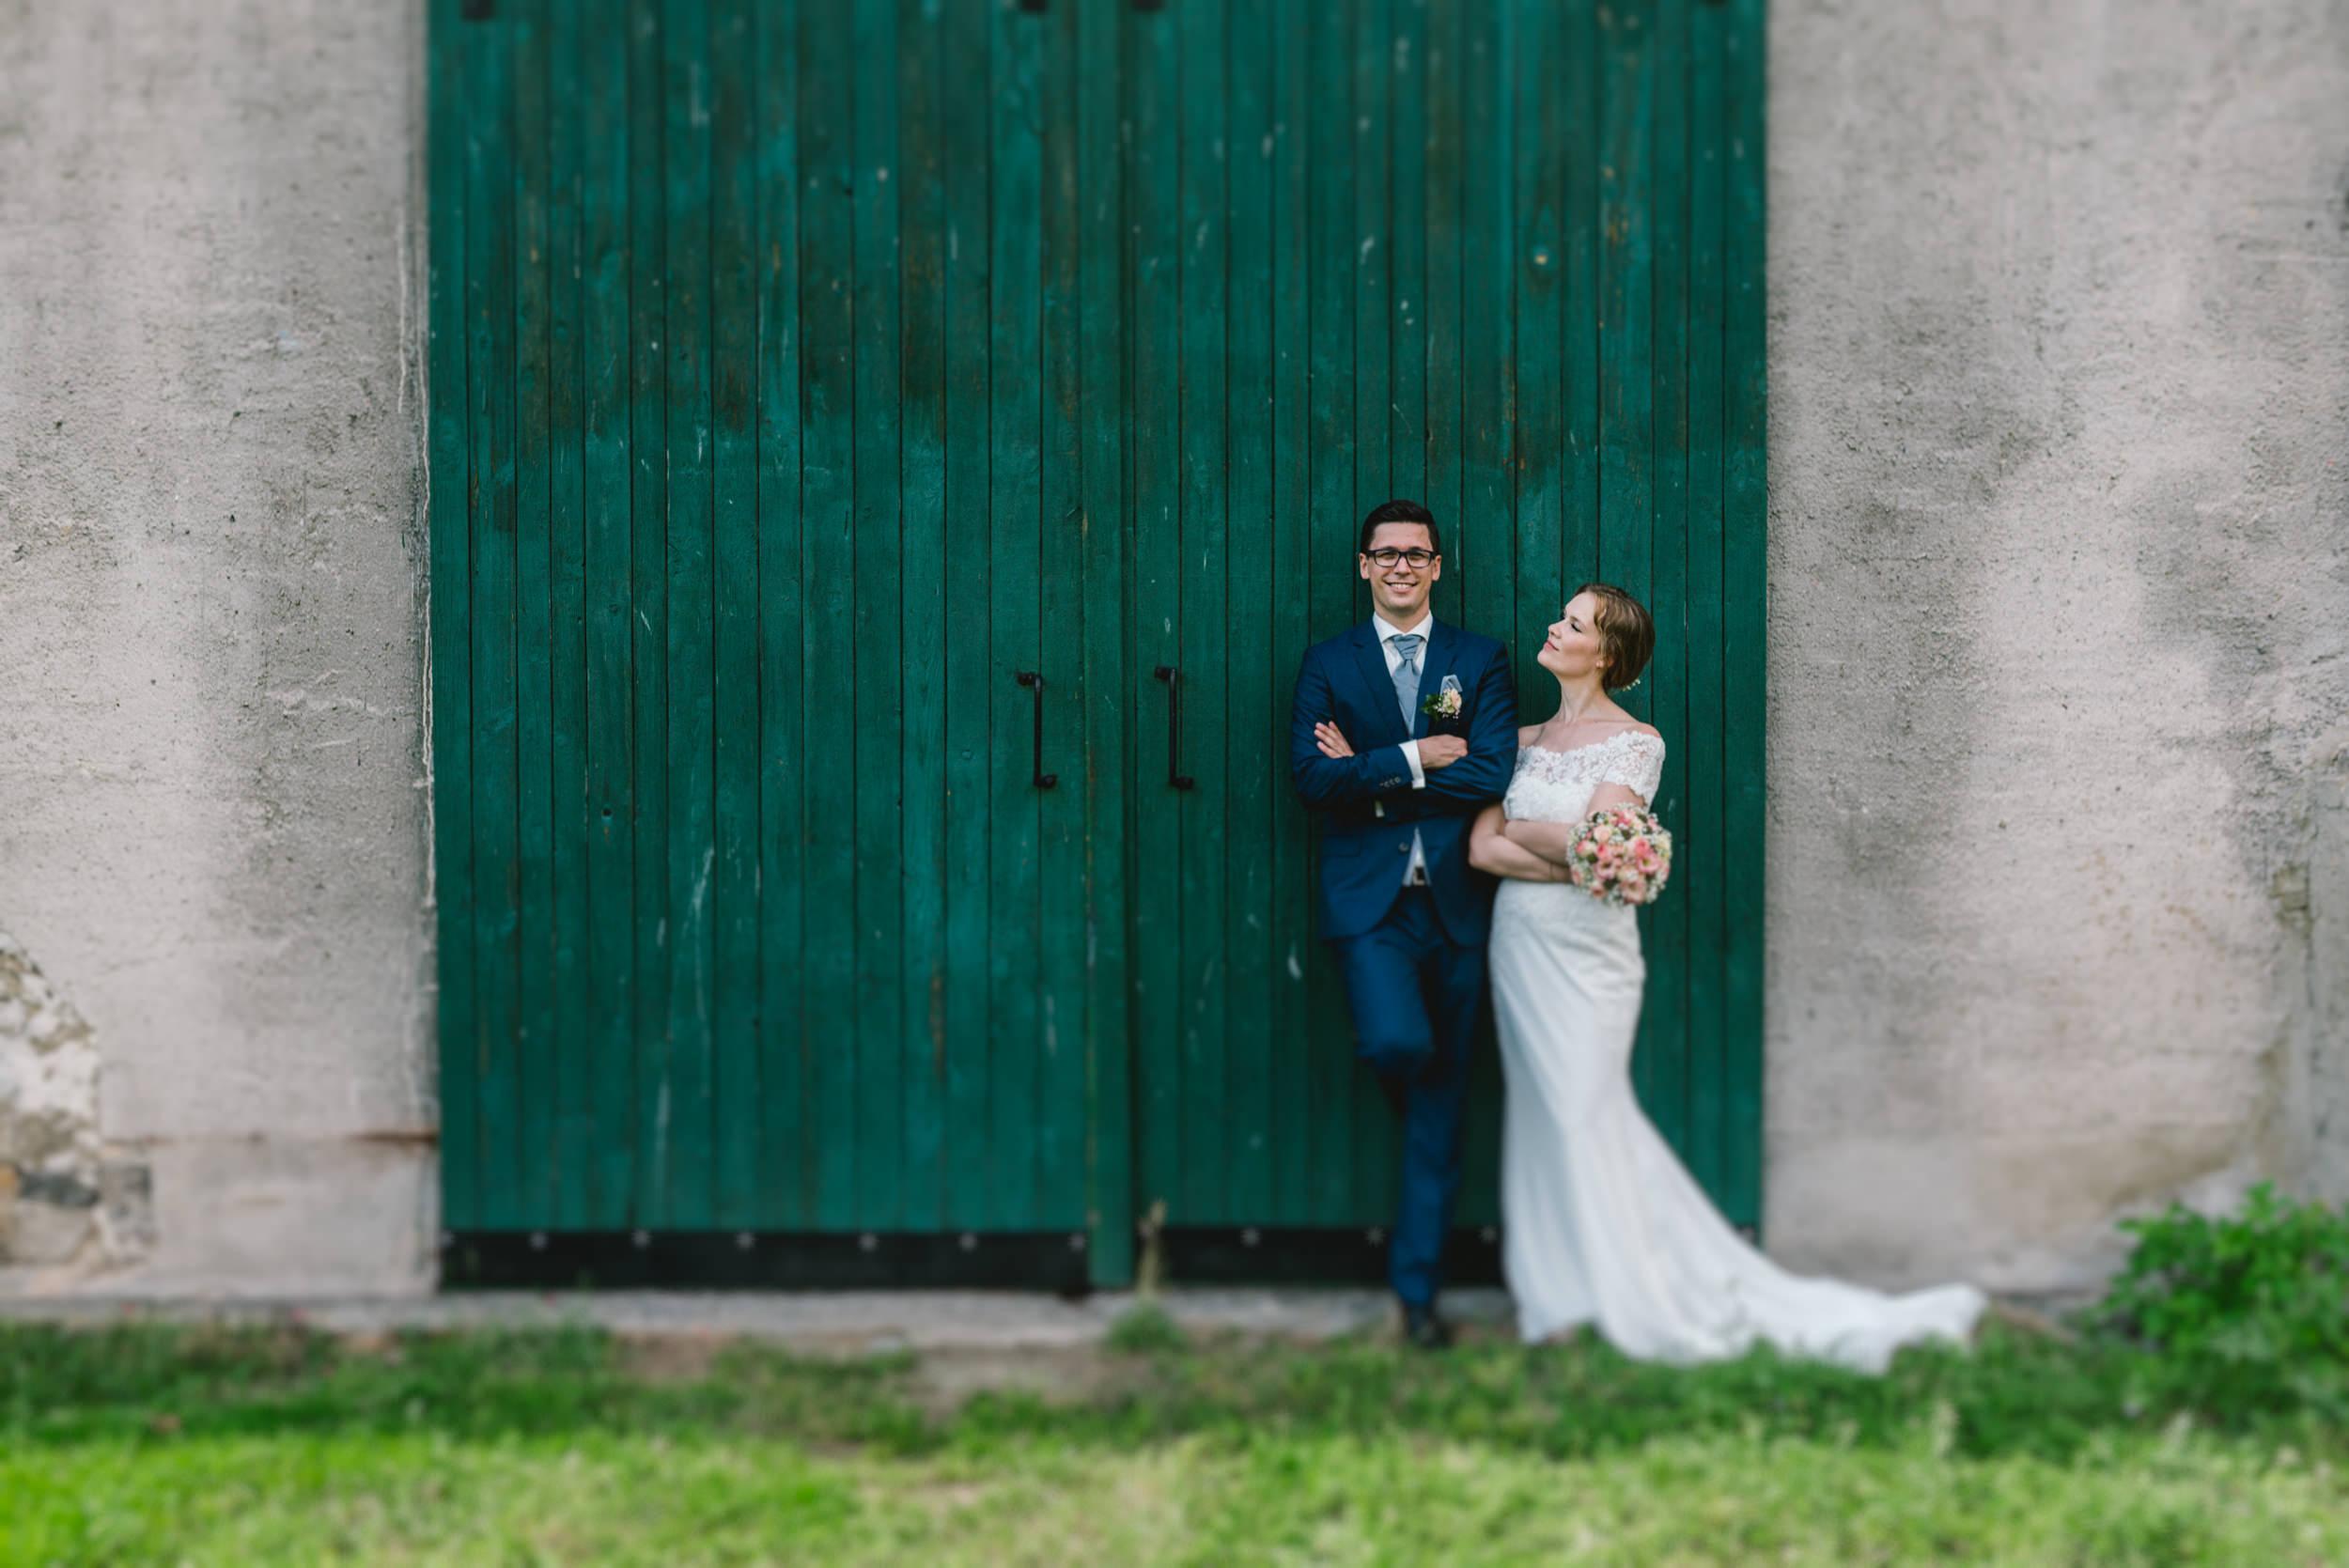 Paul_Glaser_Hochzeitsfotograf-25